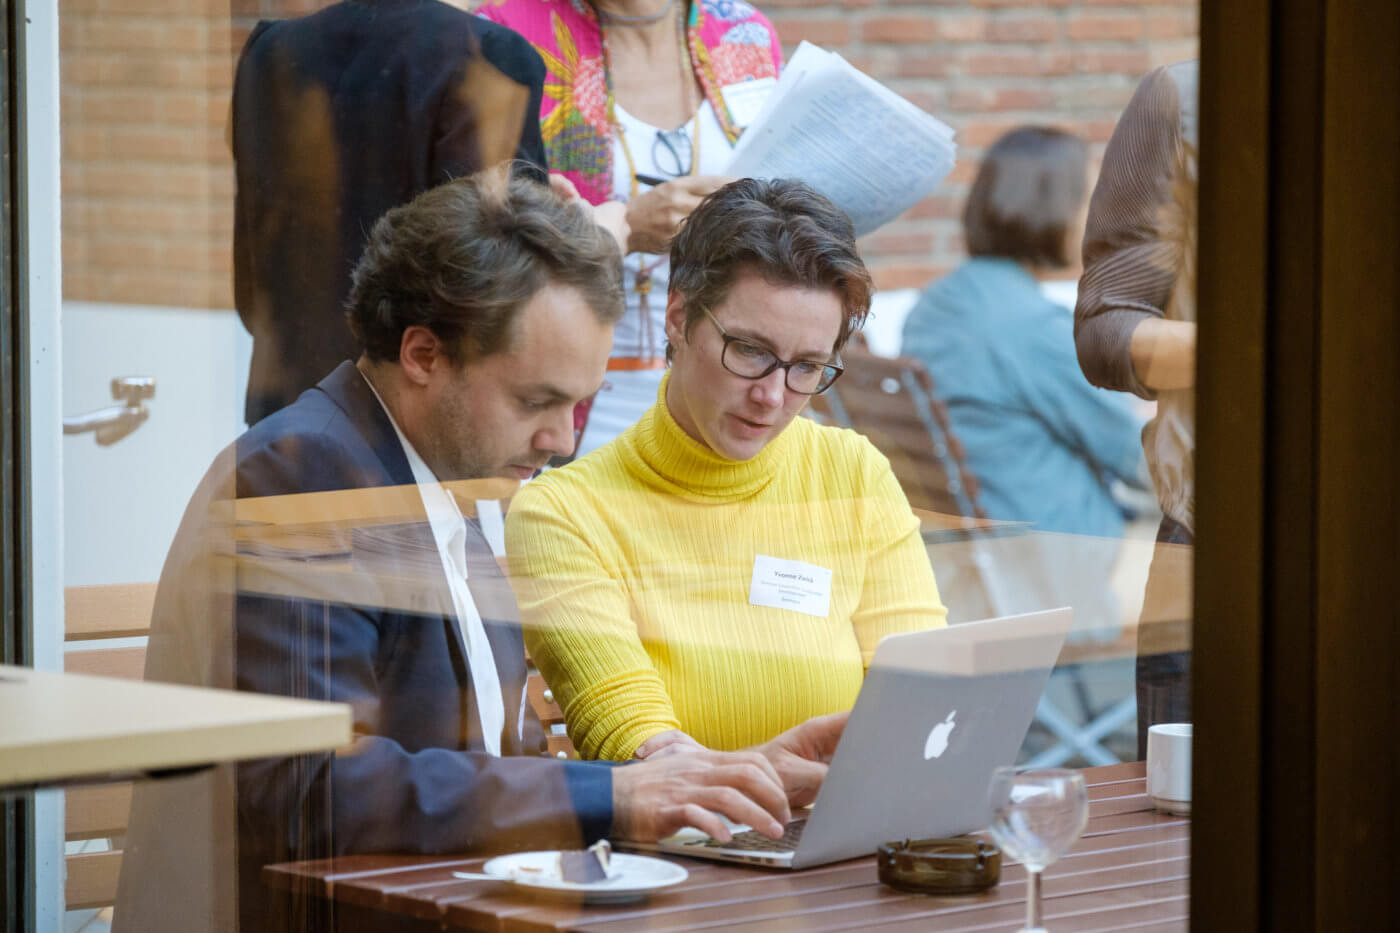 Jahrestagung des Netzwerkes der European Environment and Sustainable Development Advisory Councils, EEAC, am 11. Oktober 2018 in Berlin - Foto: André Wagenzik, © Rat für Nachhaltige Entwicklung (RNE)